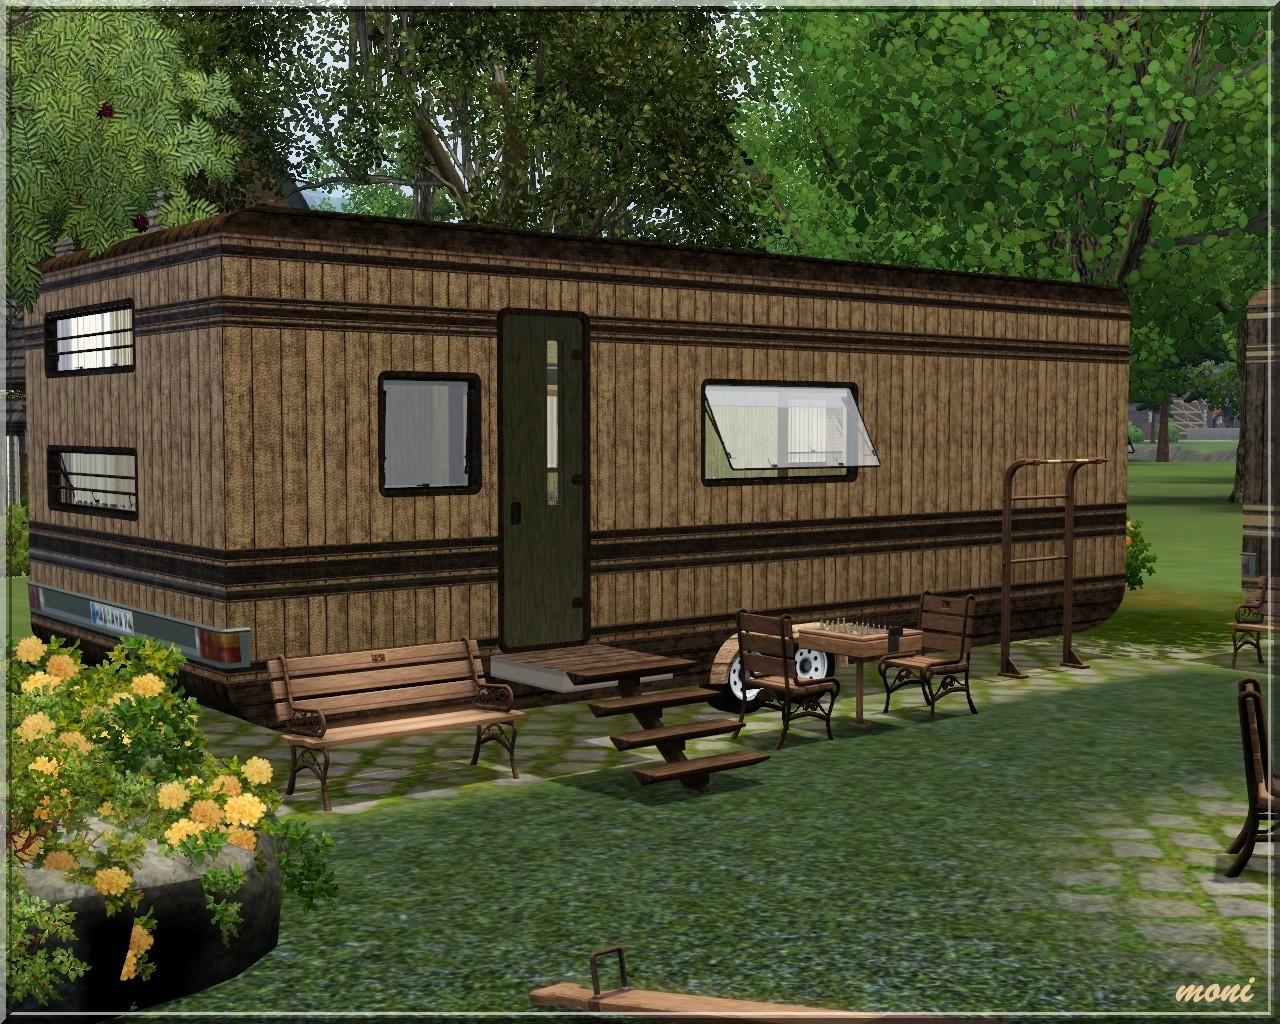 http://arsepo.blogspot.cz/2013/03/jak-postavit-karavan-aneb-bydlime-na.html